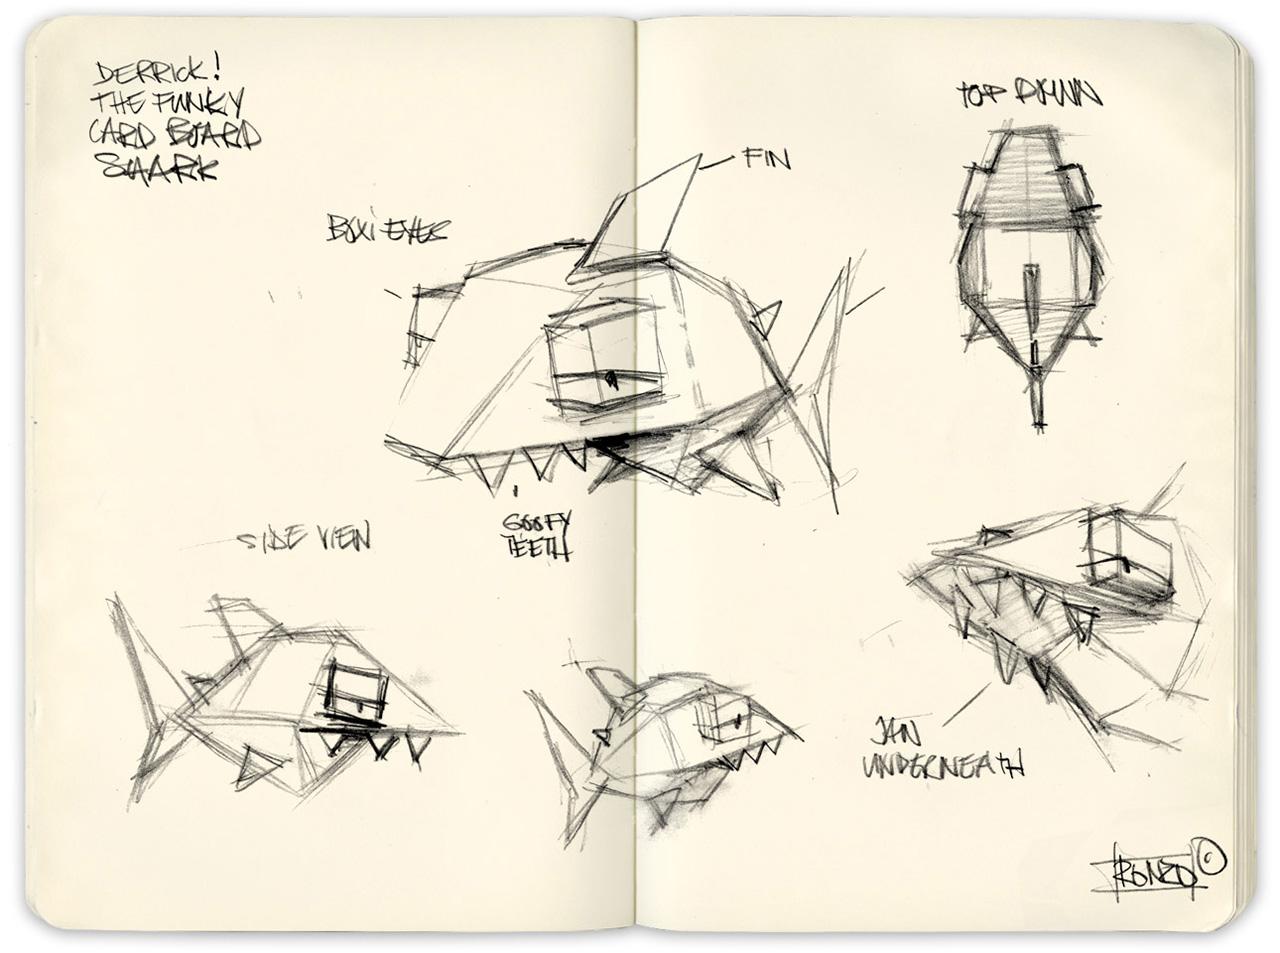 derrick_mobile_1_drawing_shark